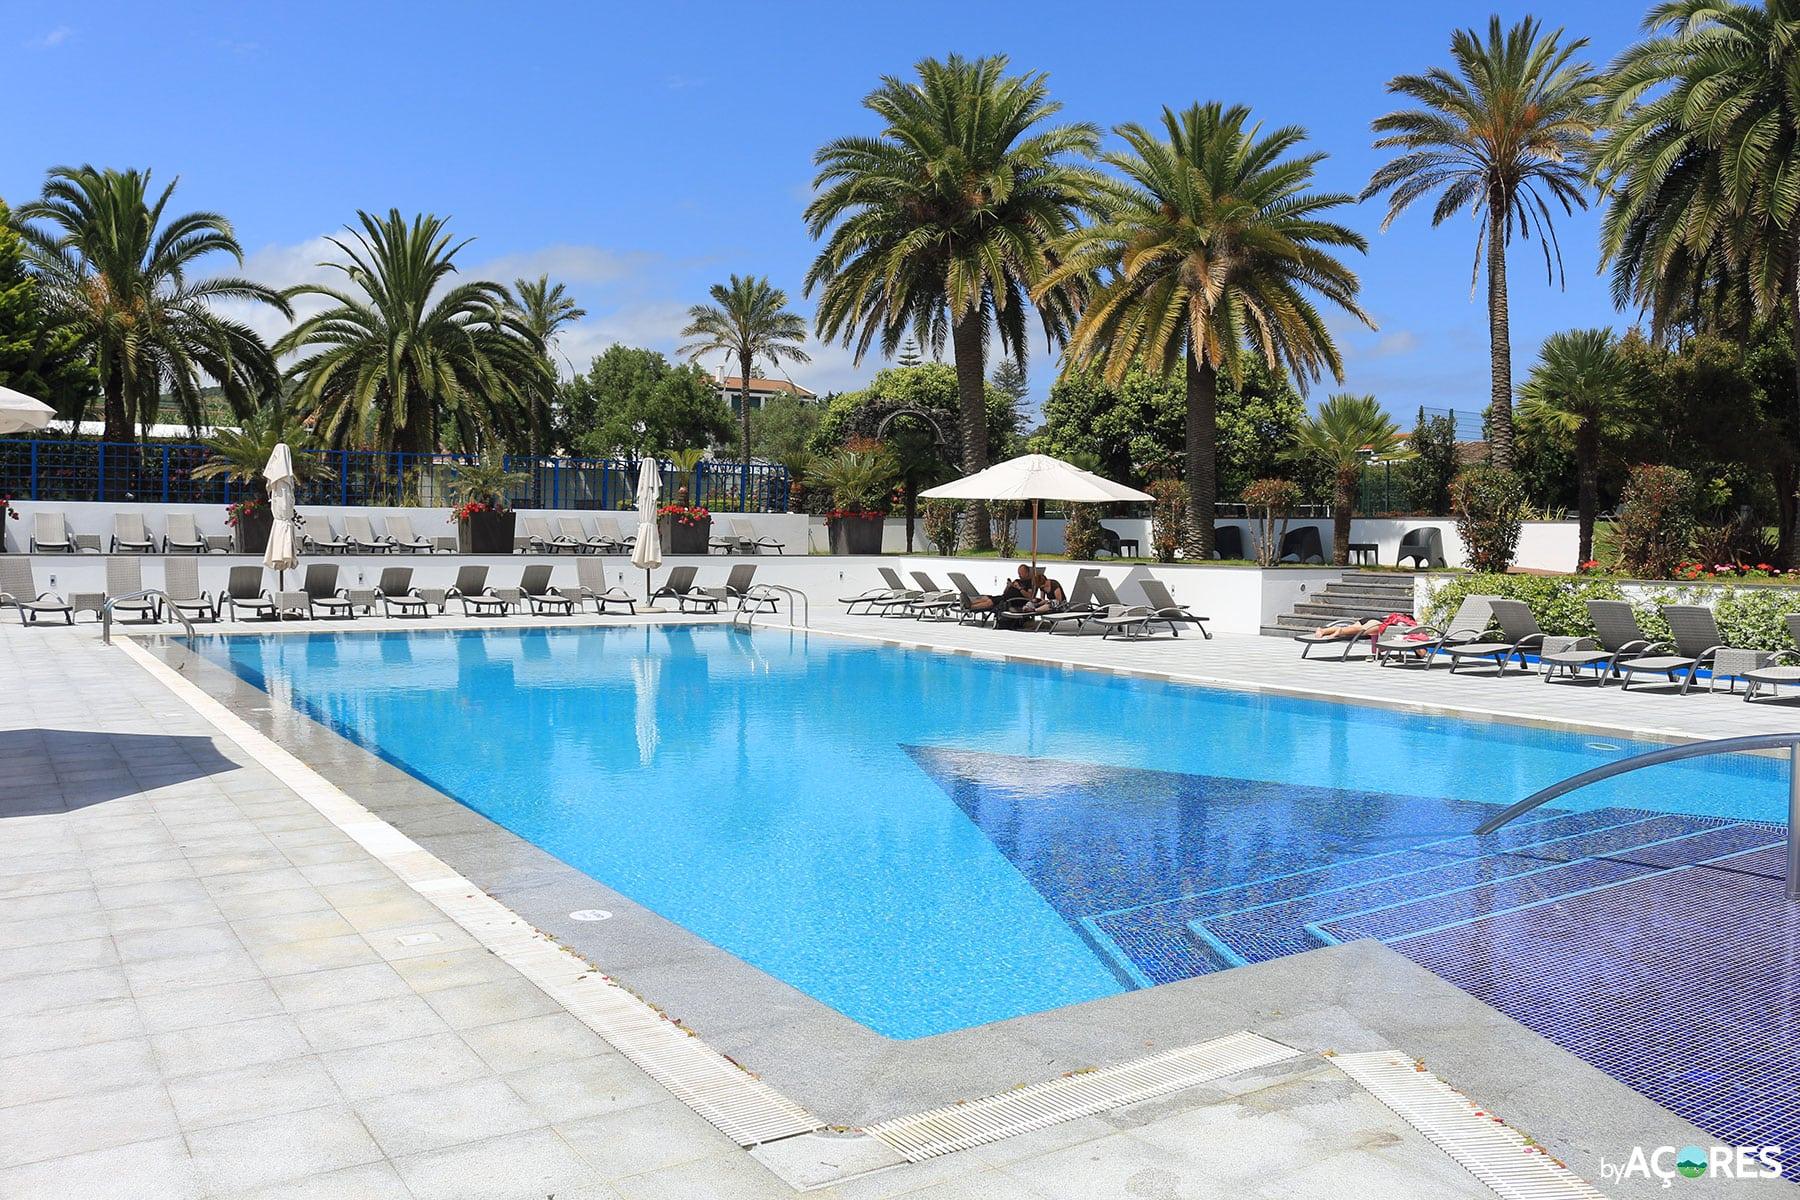 Azoris Royal Garden Hotel - Piscina Exterior